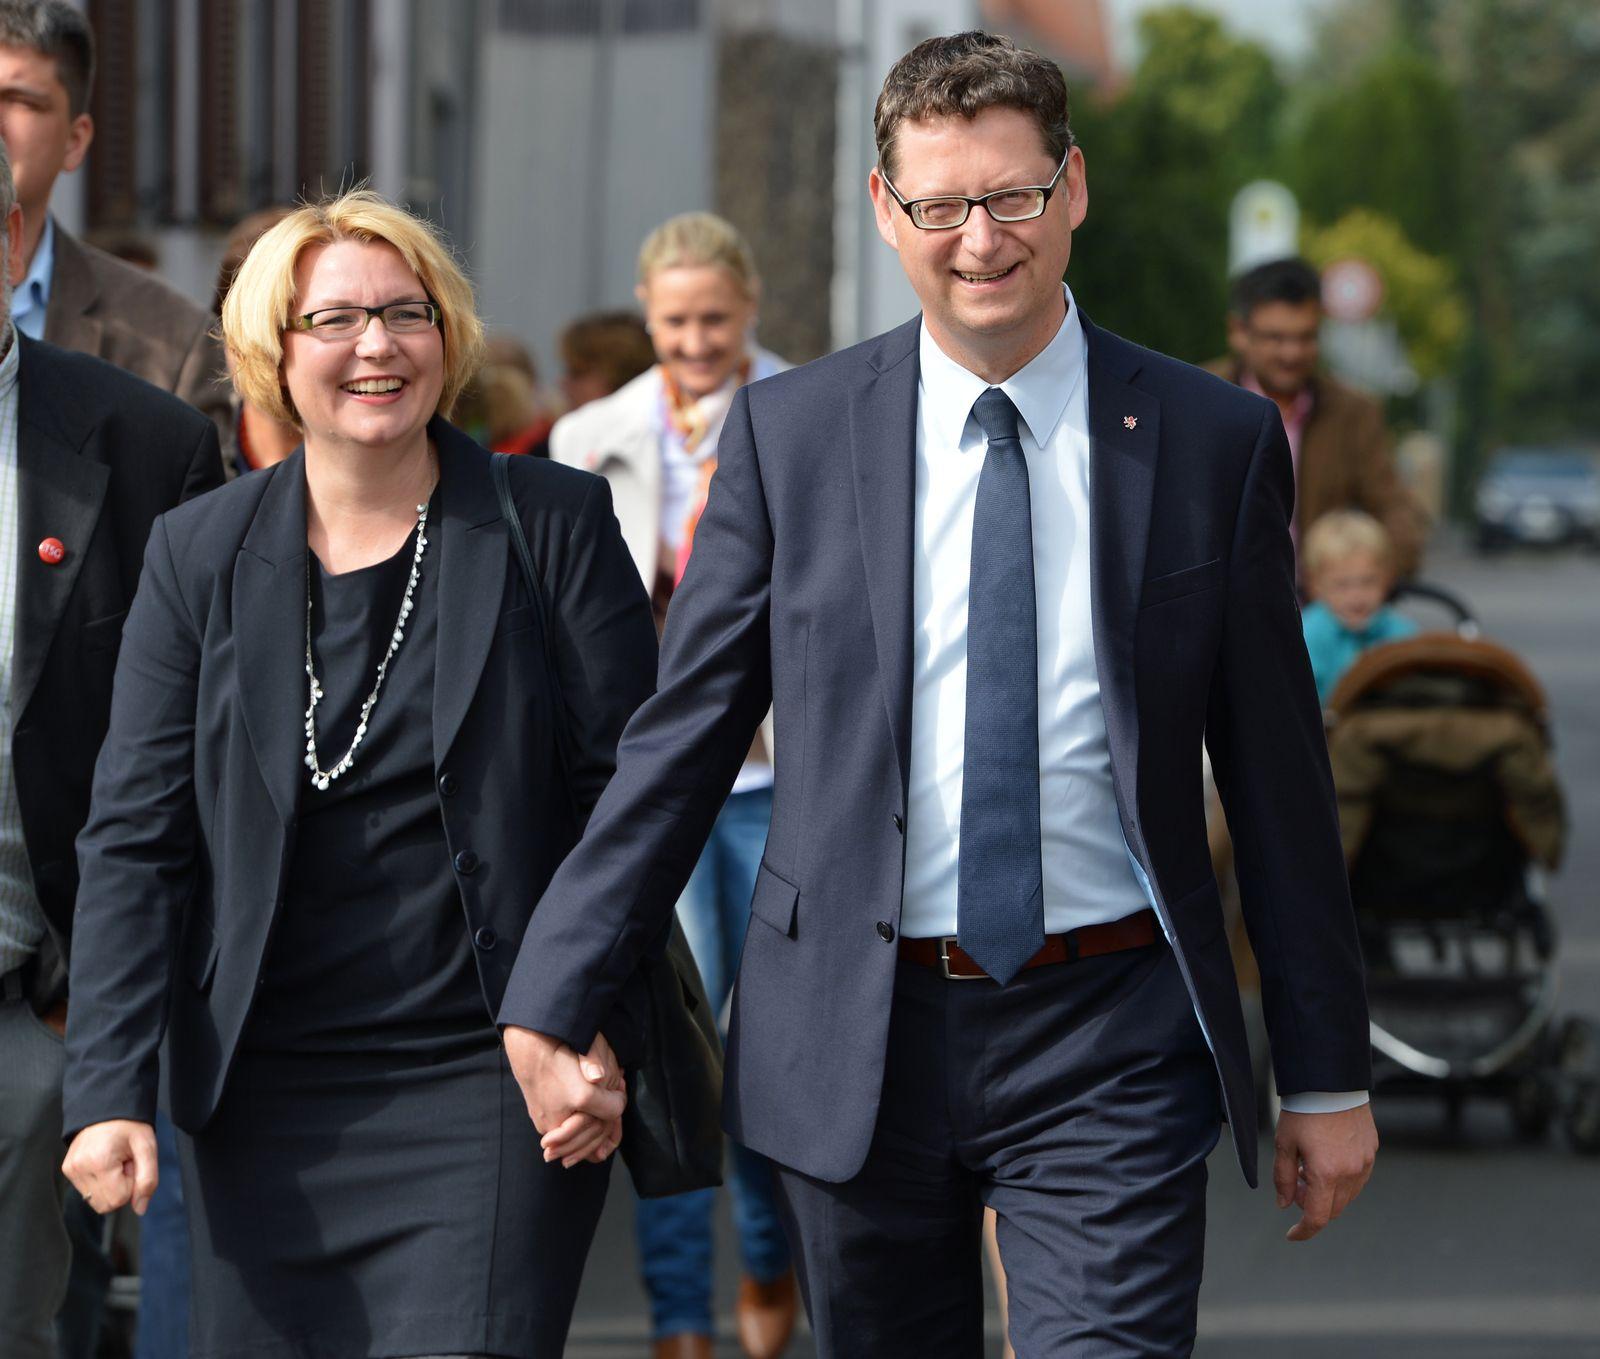 Landtagswahl Hessen / Schäfer-Gümbel